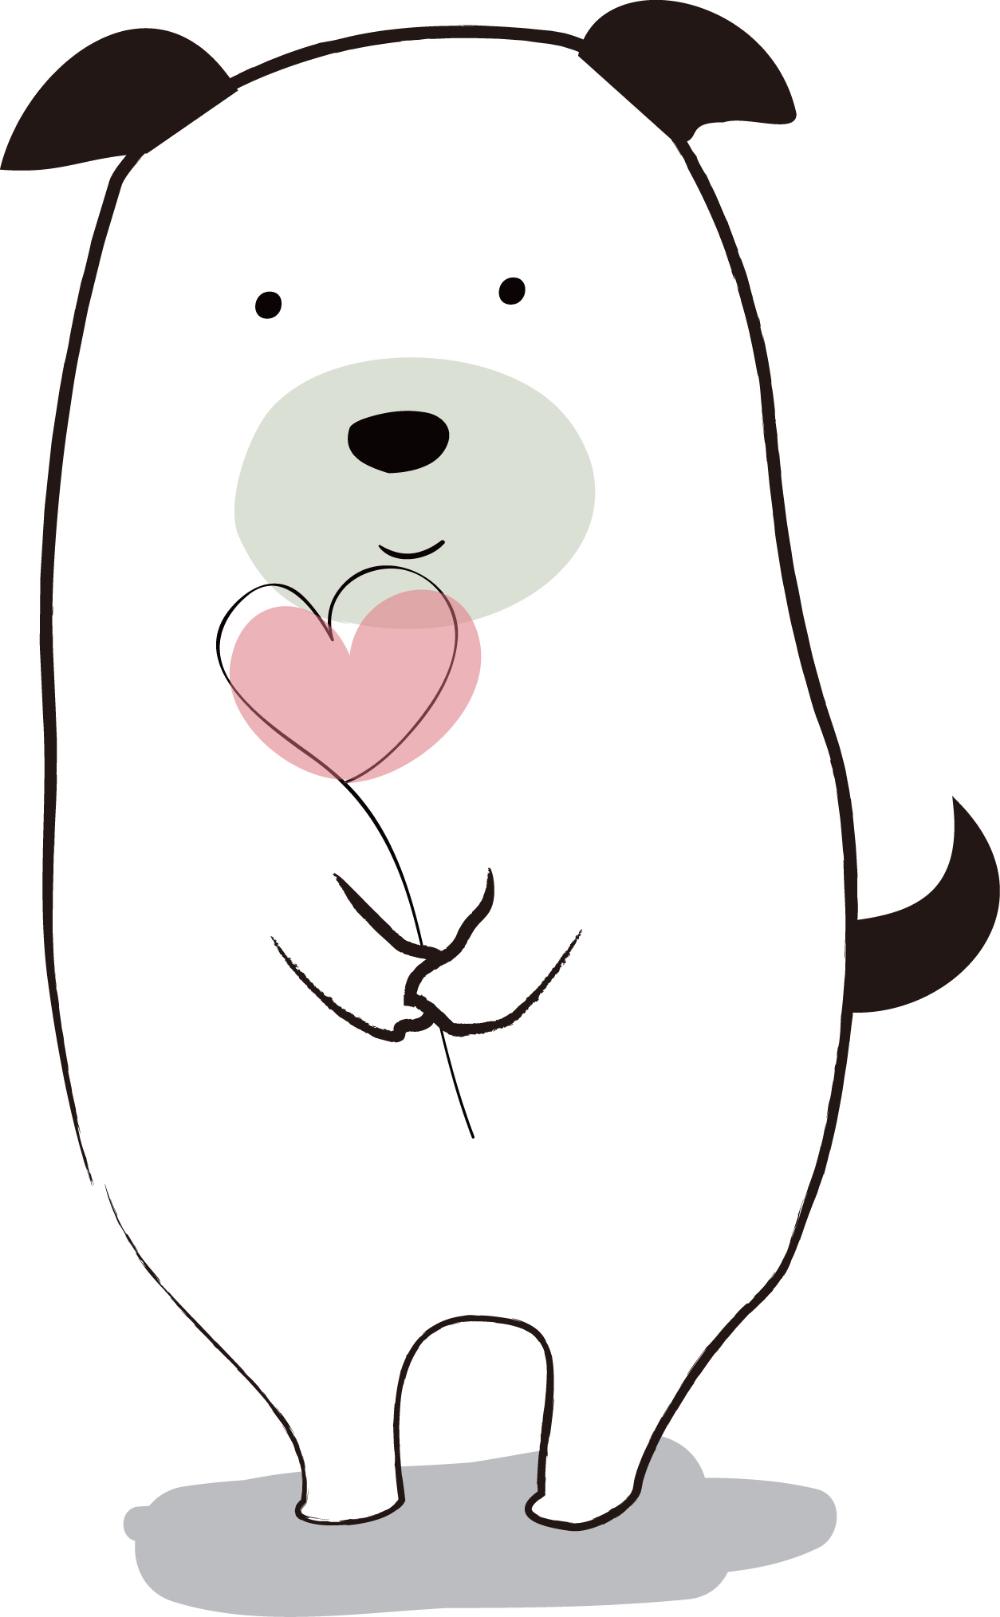 バレンタイン ハートを持つわんこ ダウンロード かわいい無料